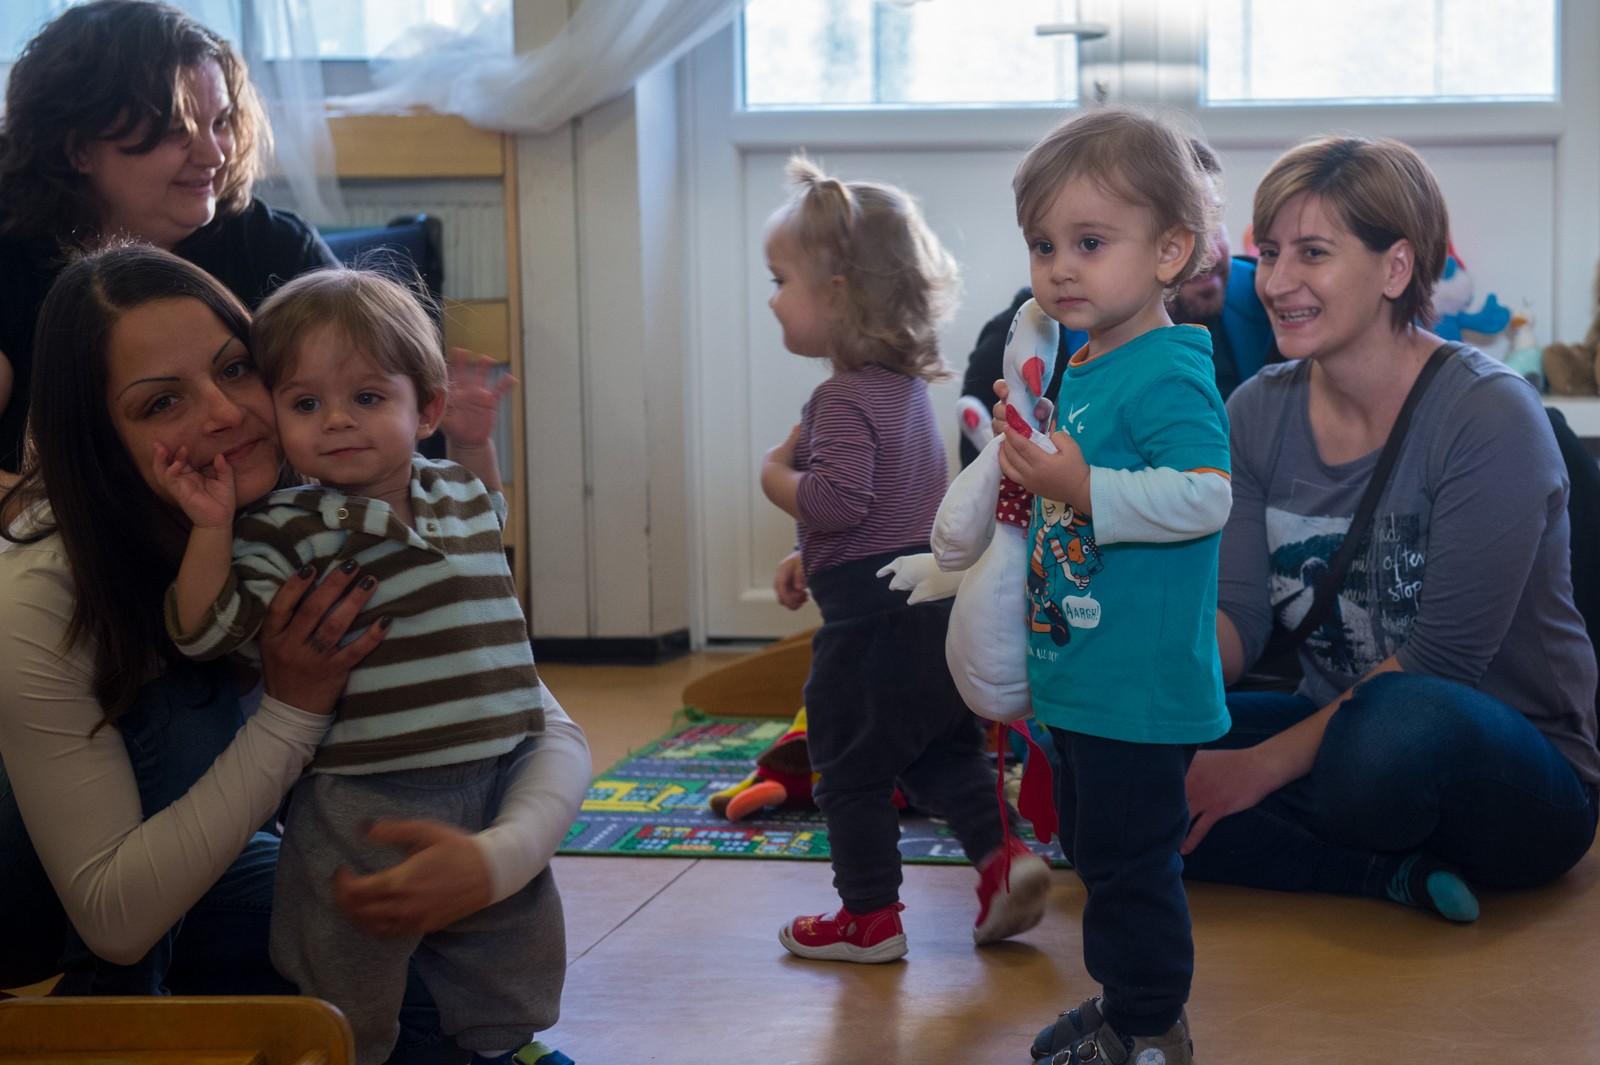 Családi délutánnal ünnepeltek a Márton-napon a Csemete Alapítványnál